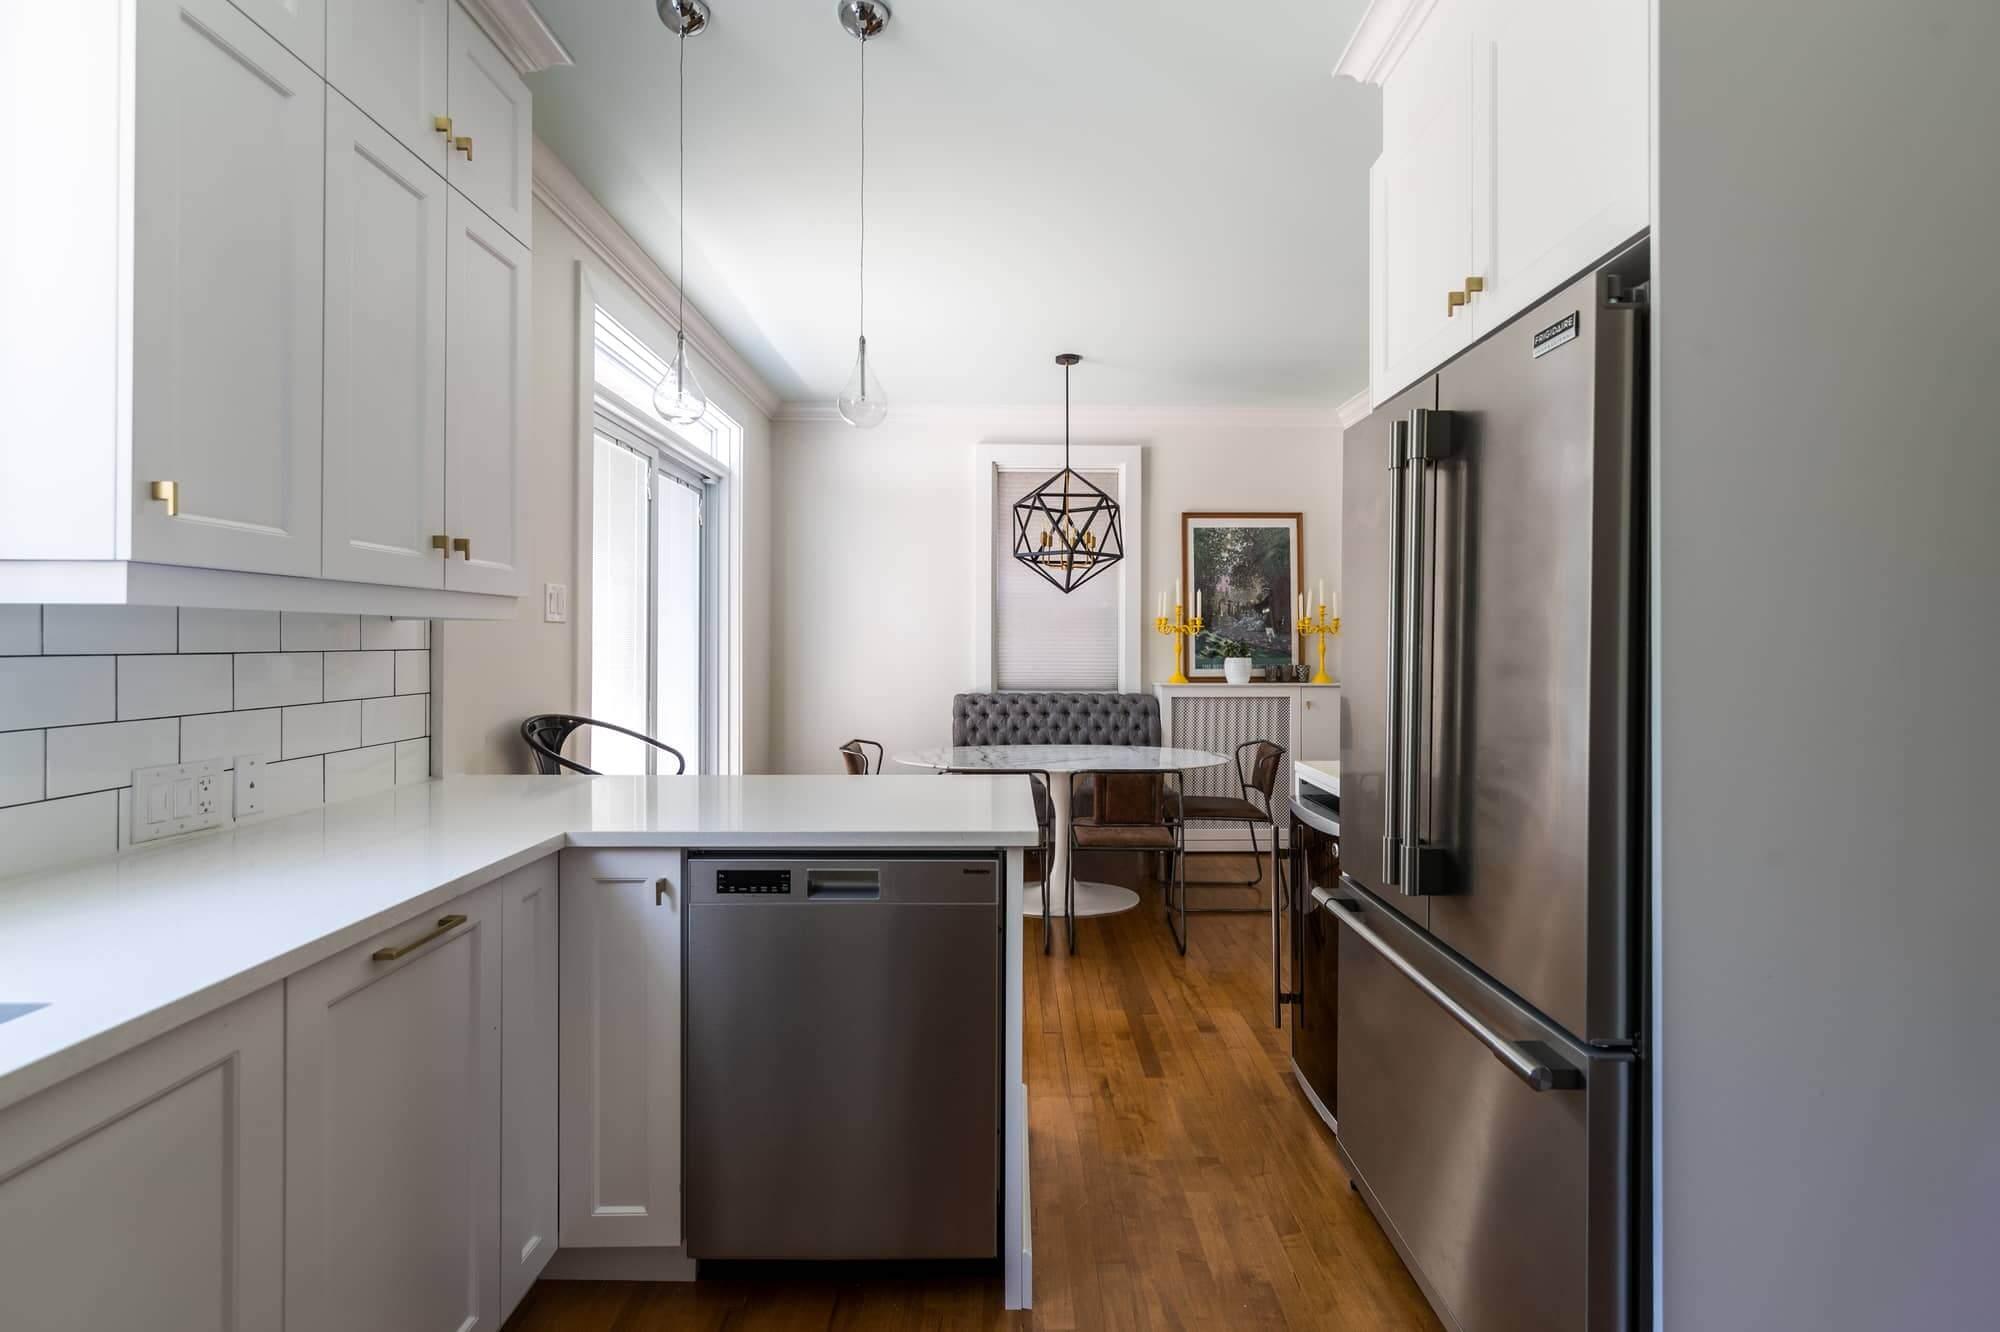 Rénovation de cuisine blanche avec vue sur salle à manger